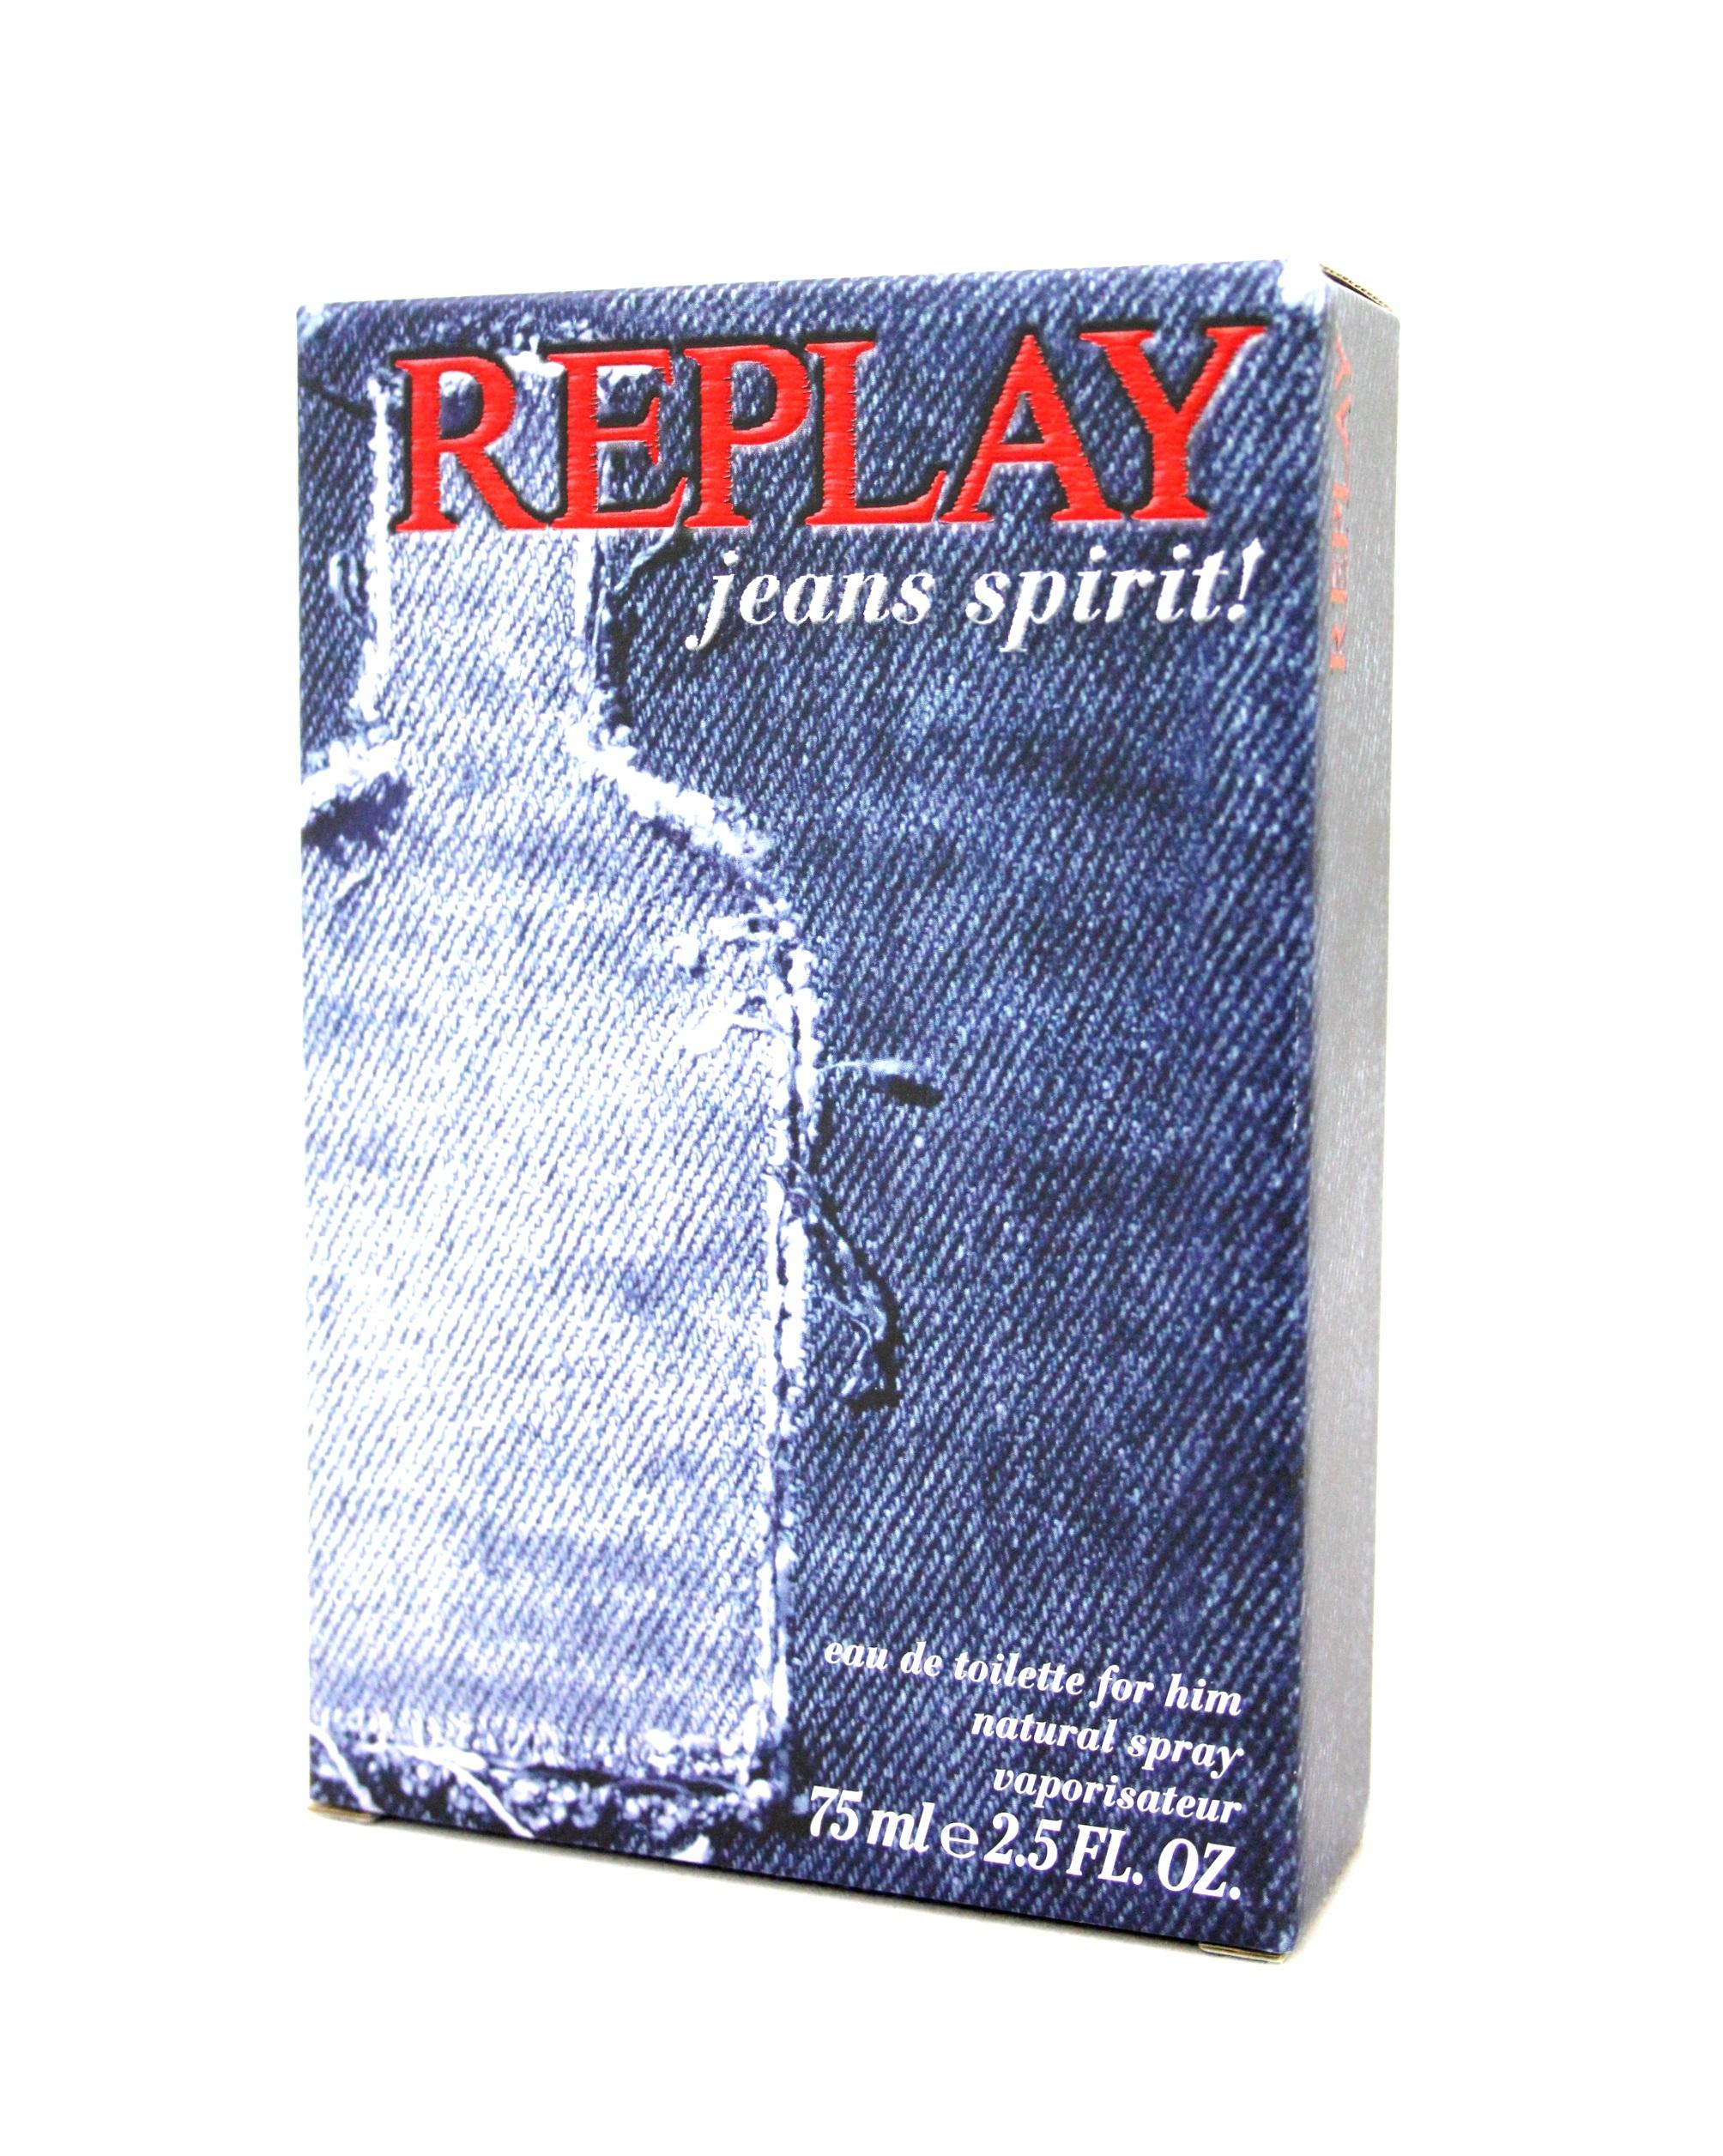 Replay Jeans Spirit! for Him Eau de Toilette